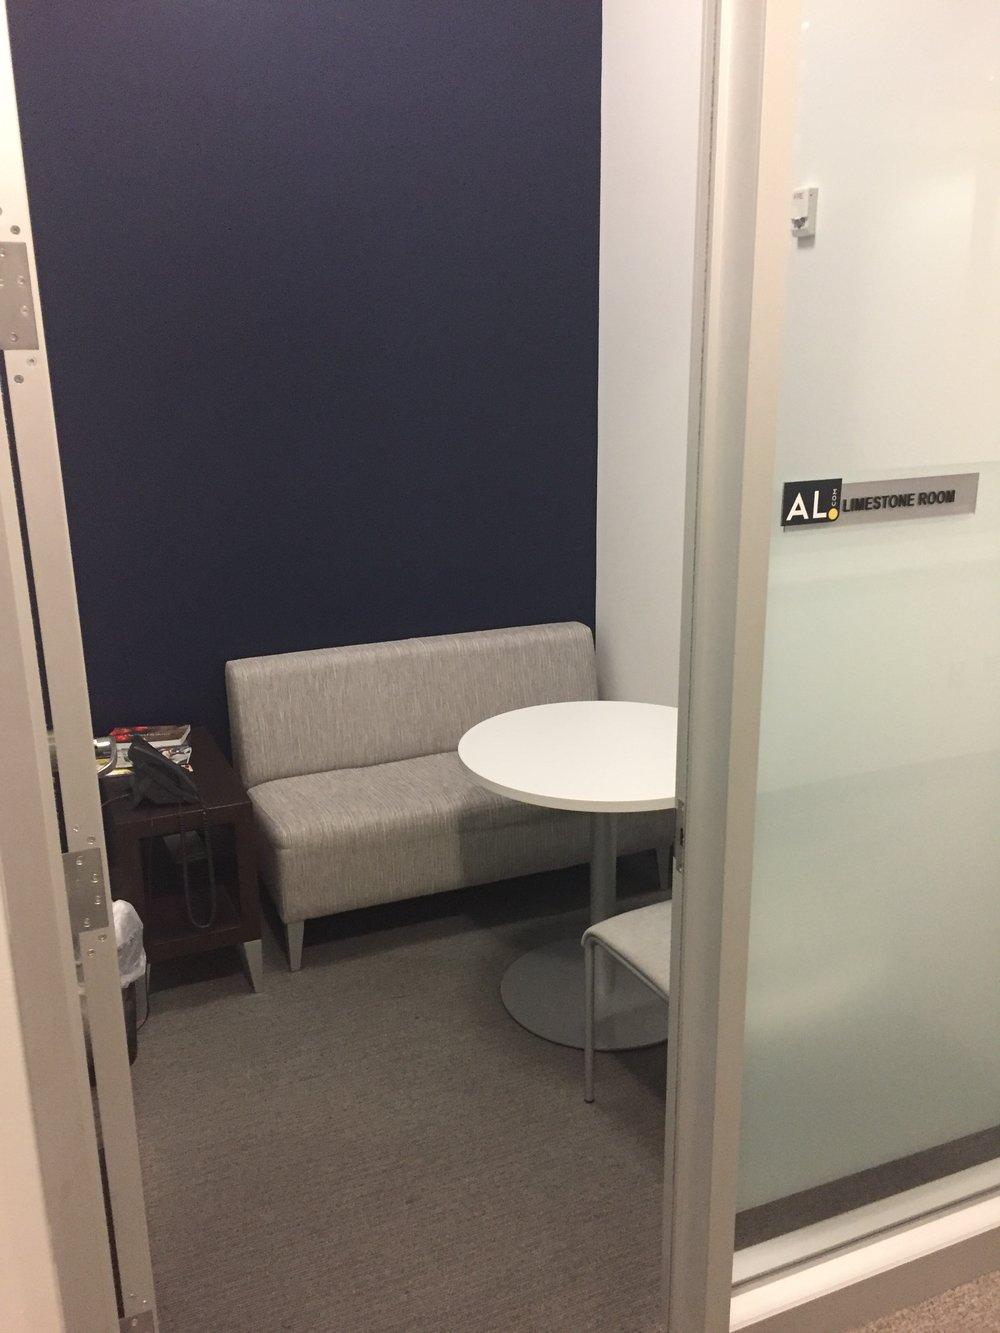 Limestone Room Seats: 1-2